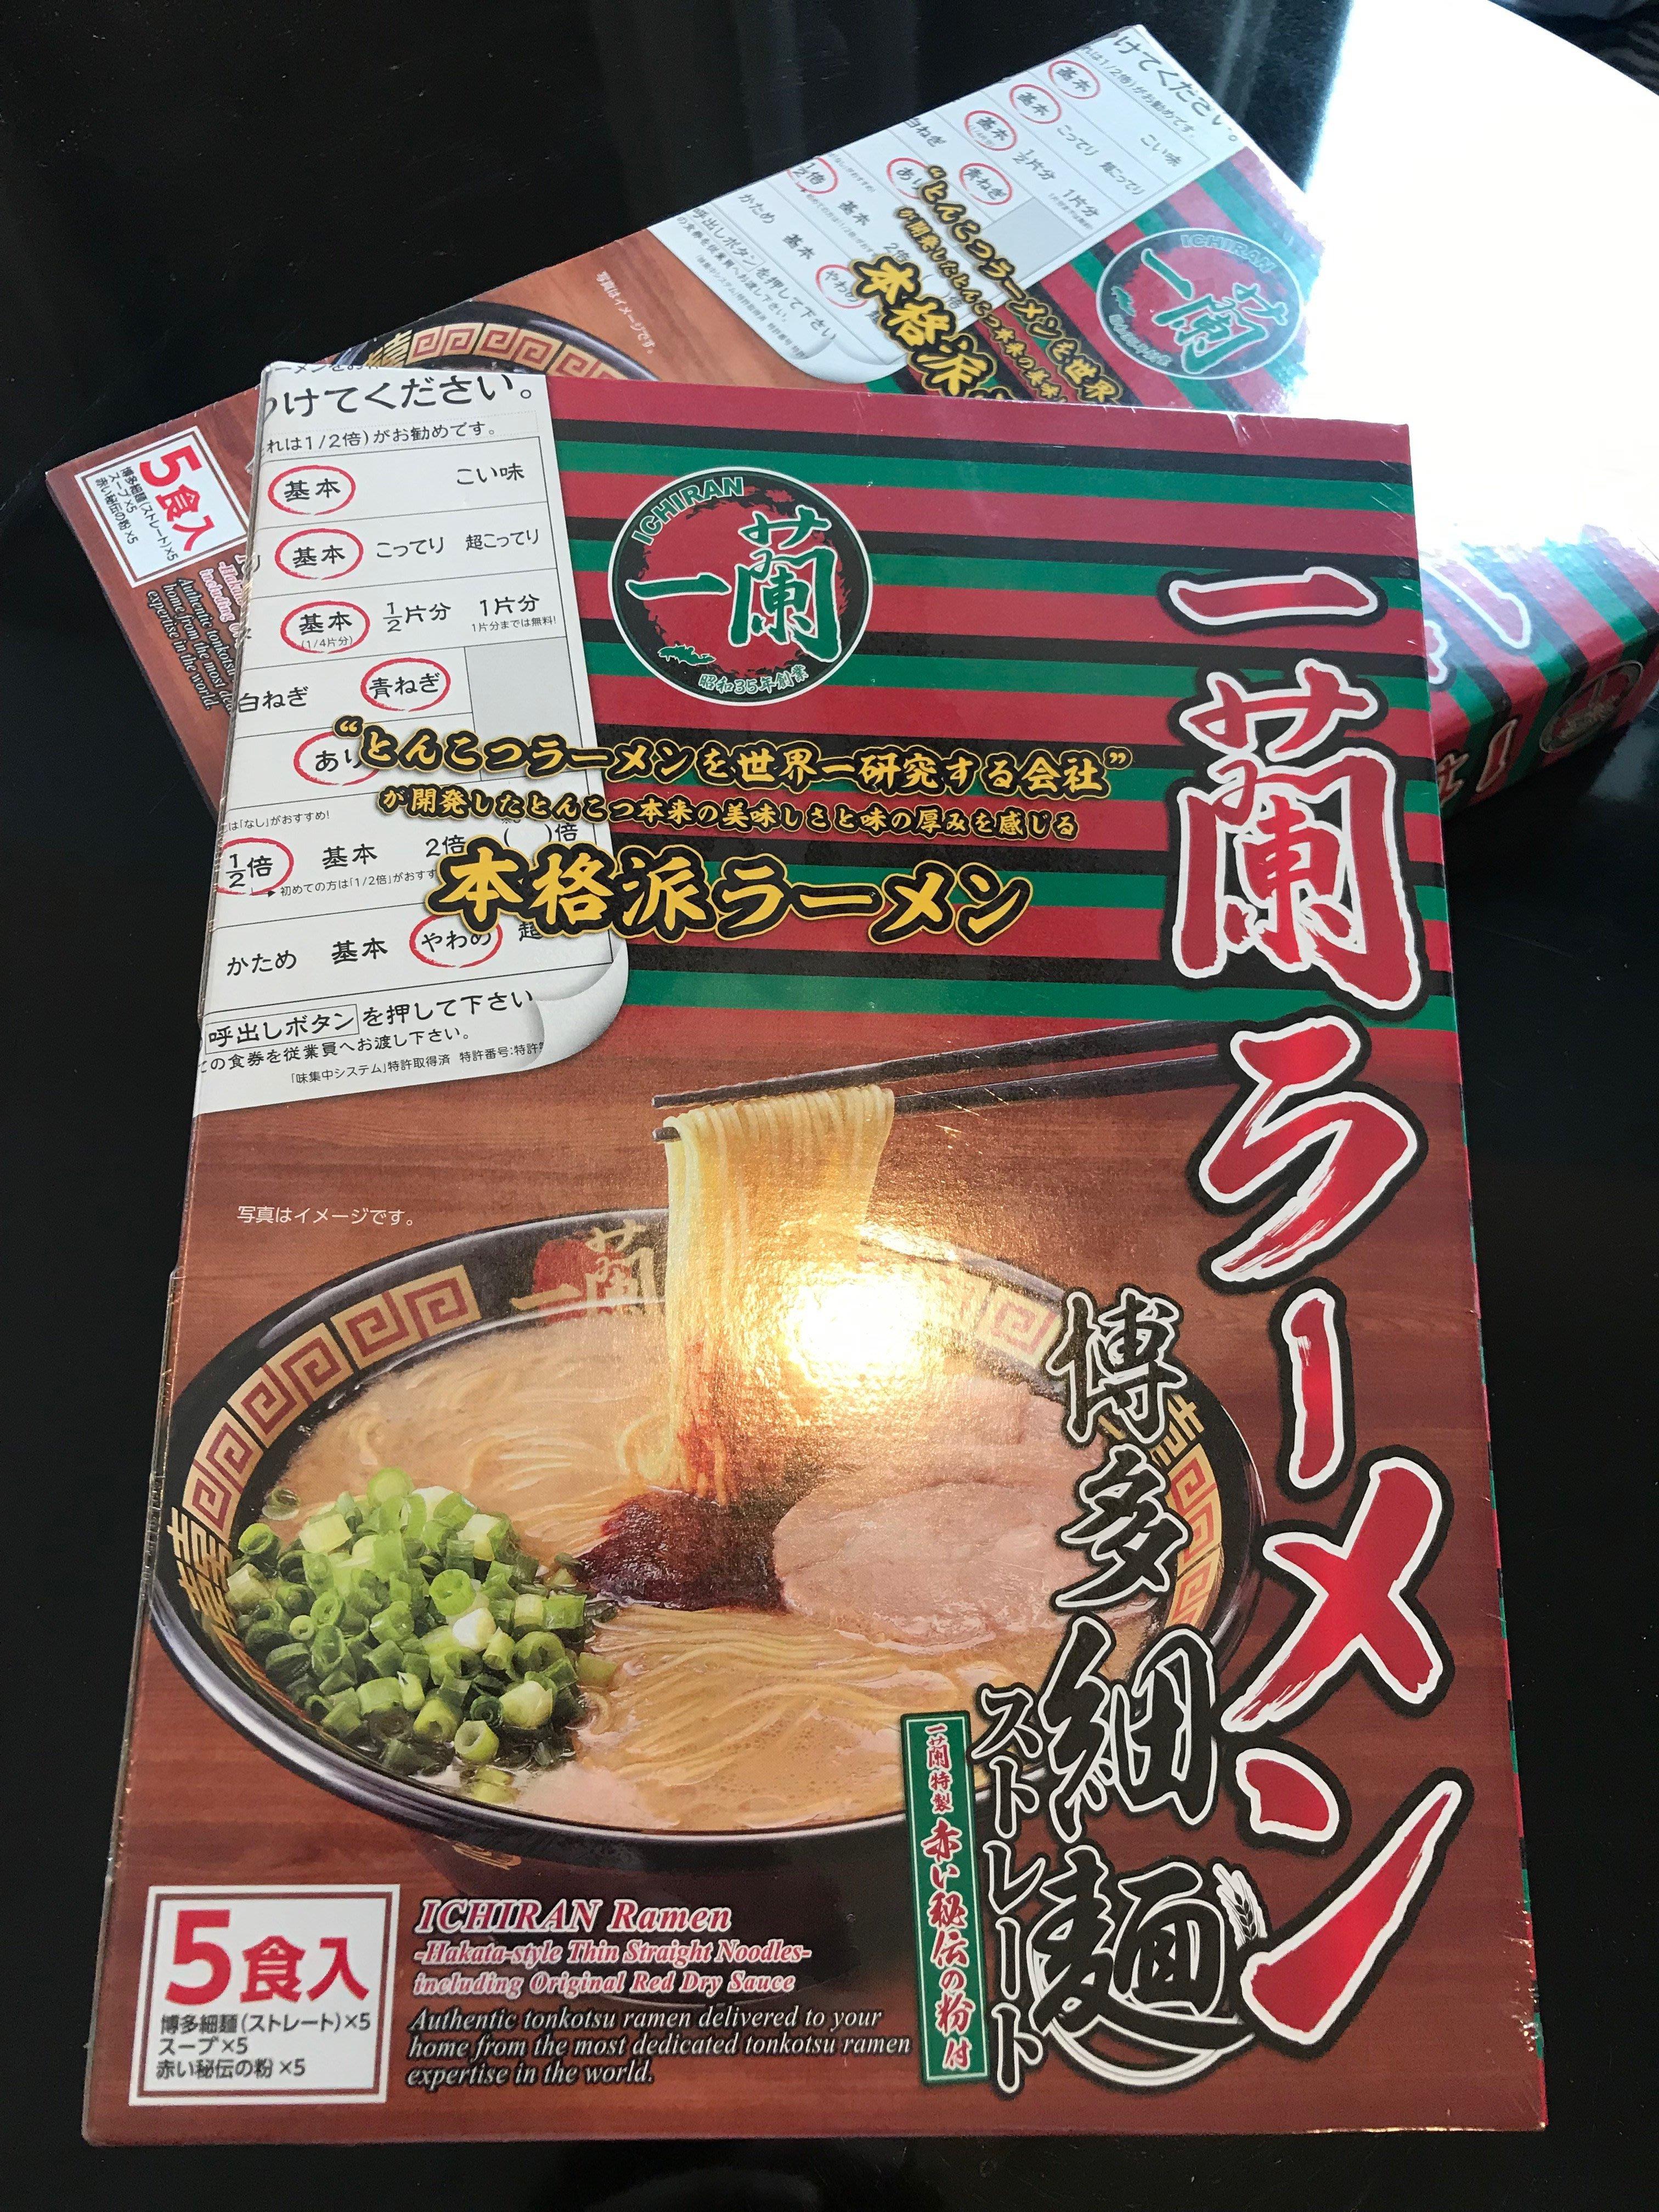 ㄧ蘭拉麵博多細麵 一蘭直麵(5入) 現貨